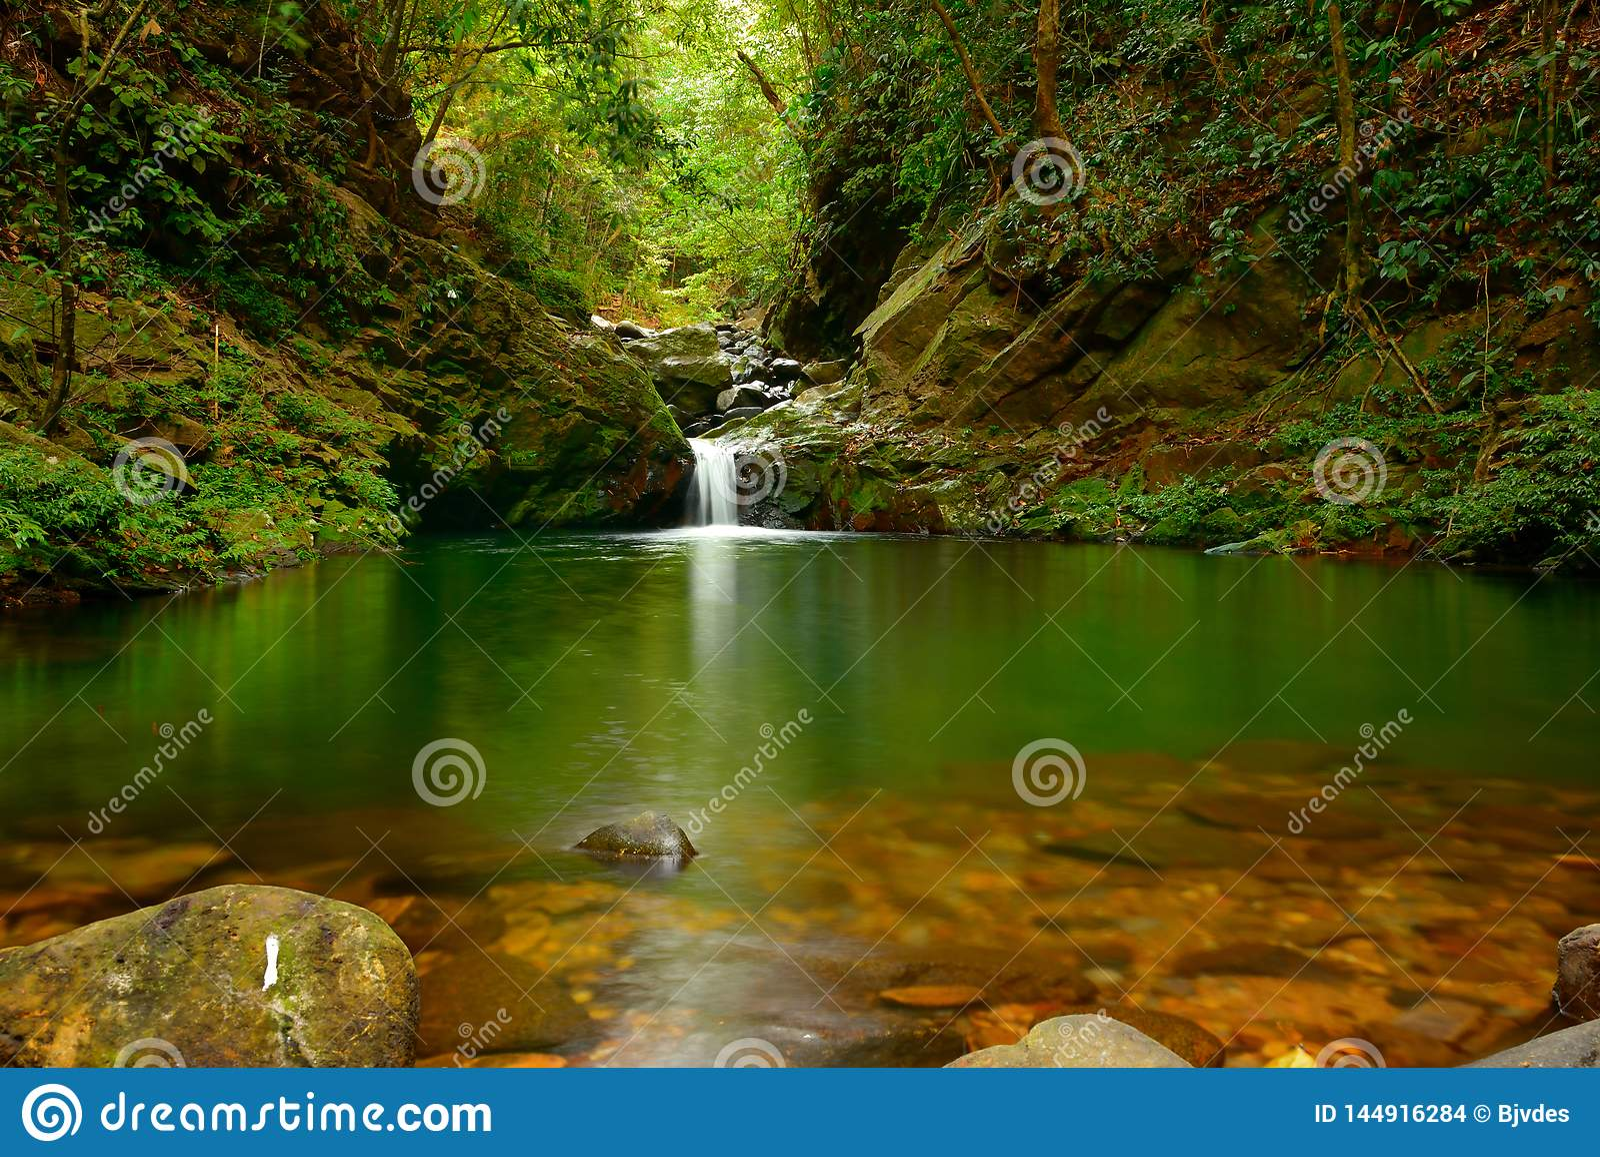 Ngu Ho Lake y cascadas en la montaña de Bach mA - Viet Nam - versión de la luz